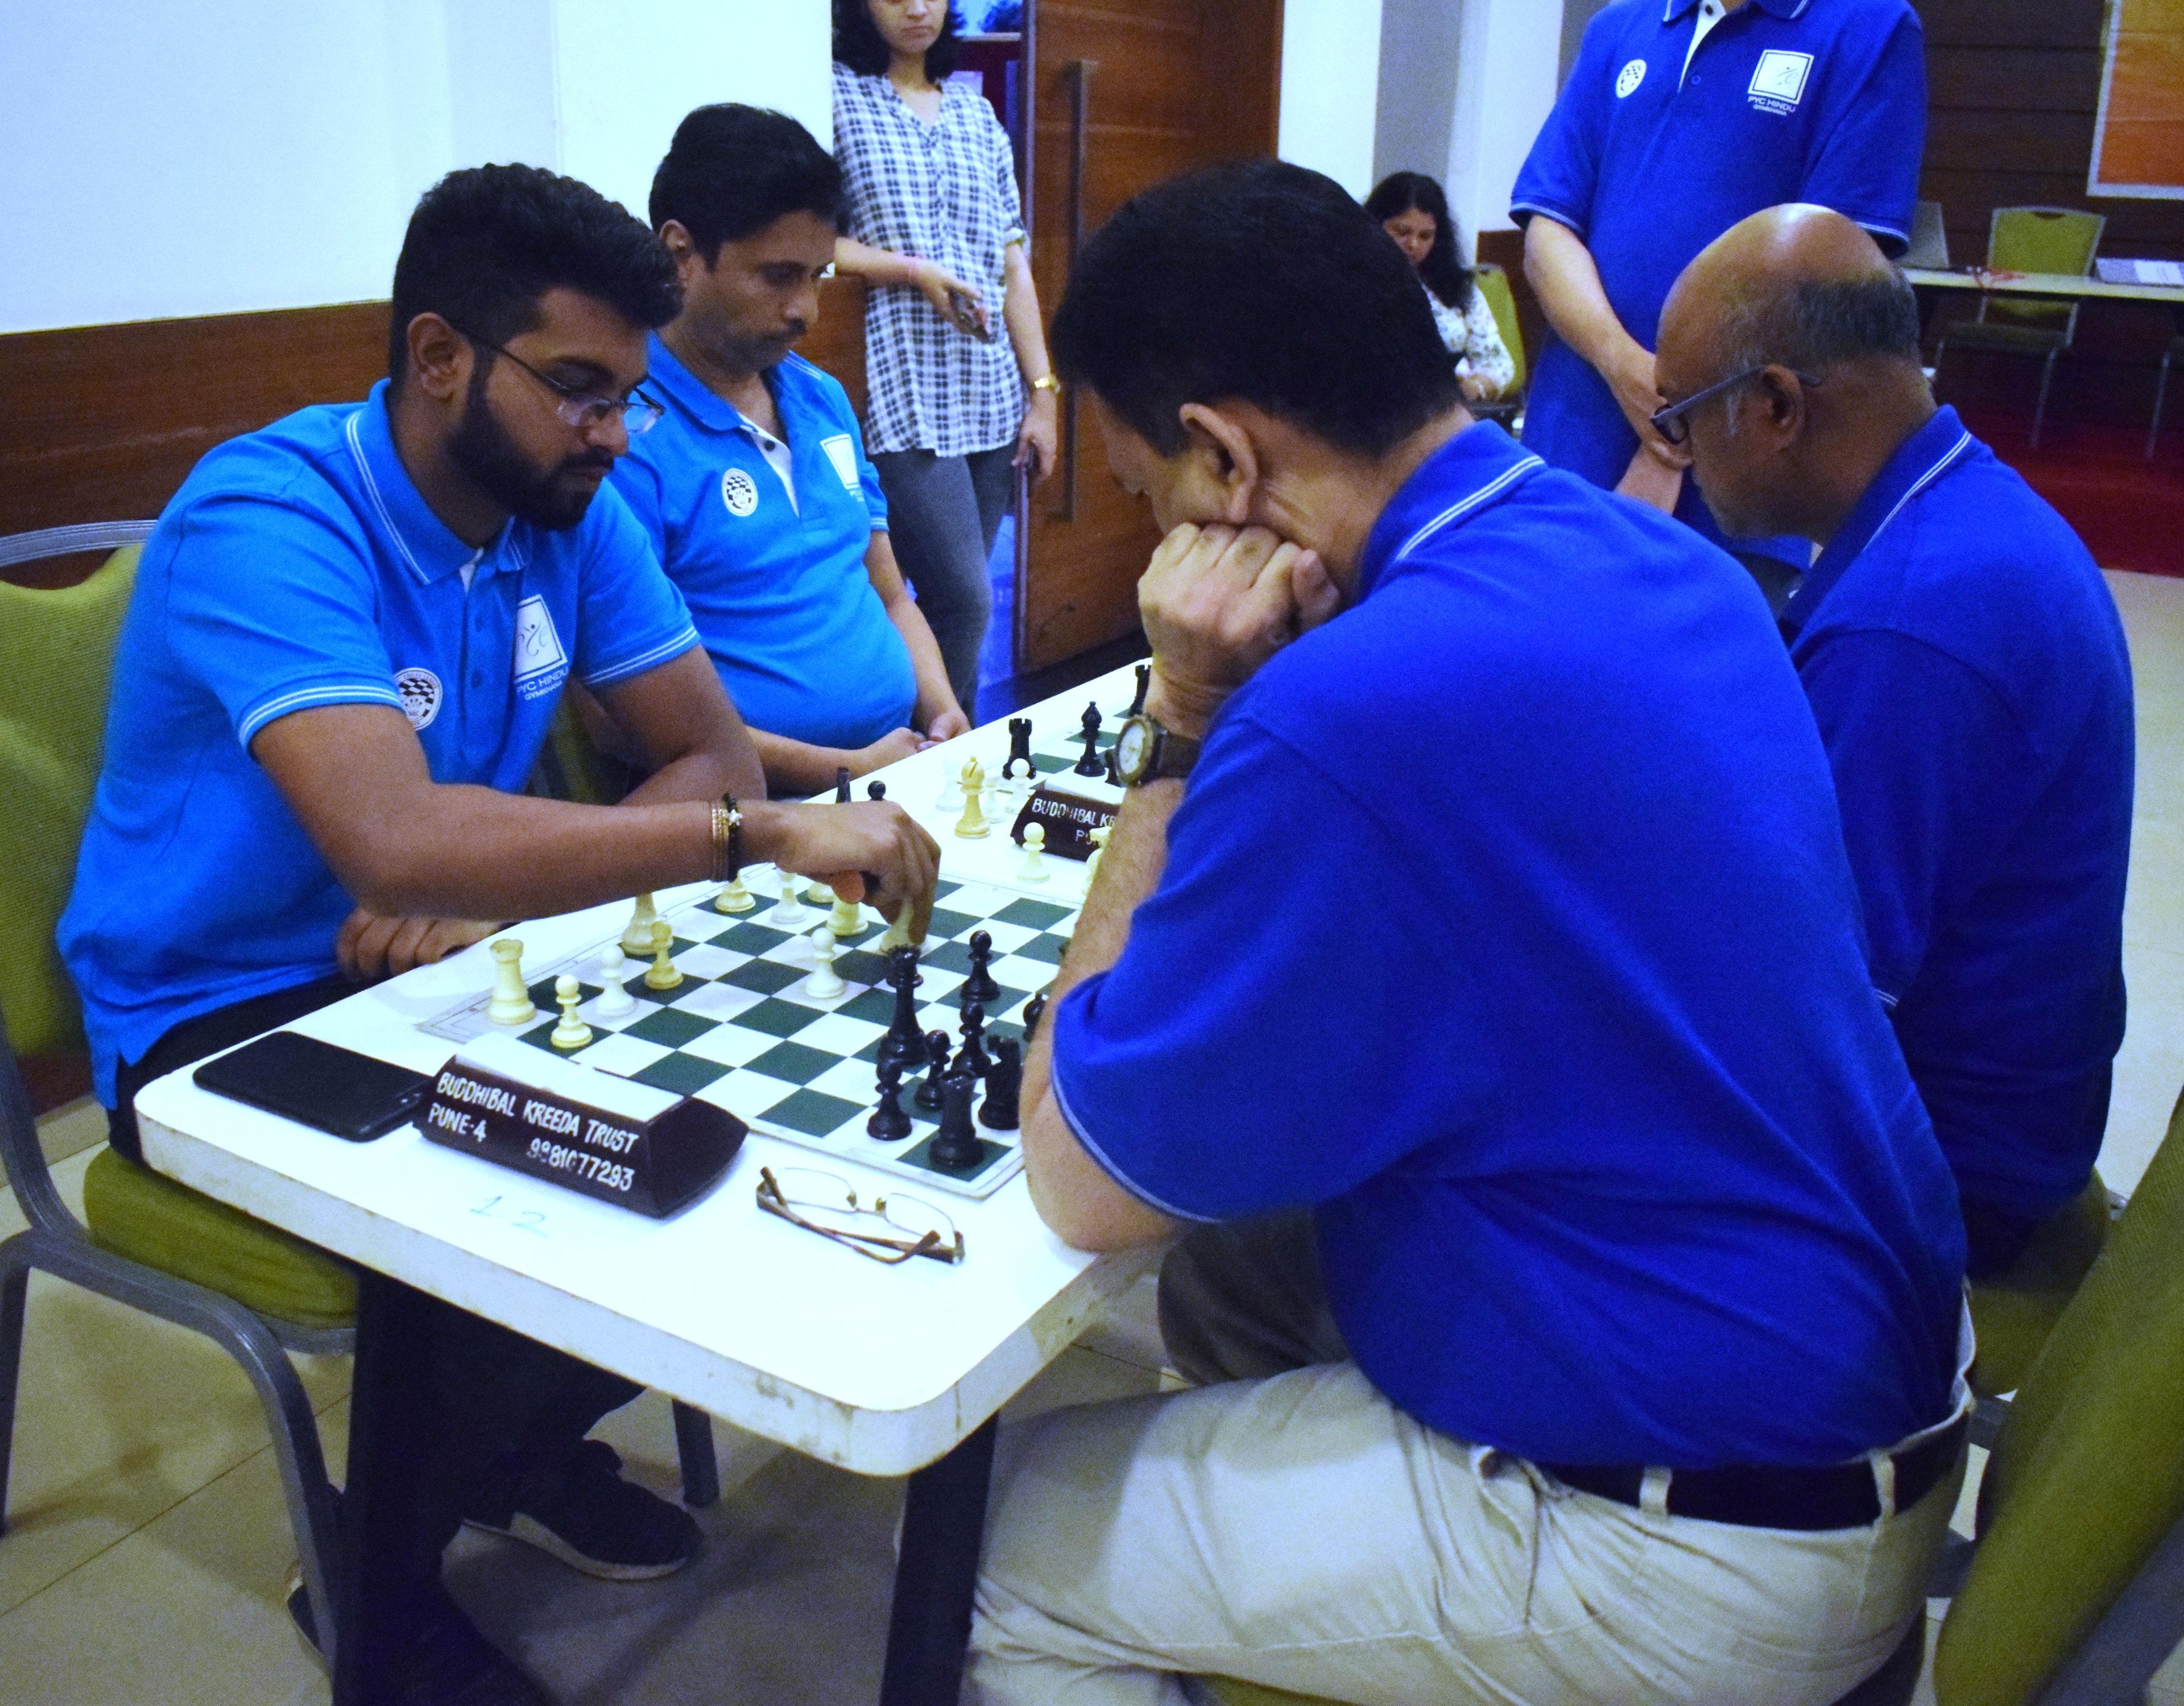 पीवायसी बुद्धिबळ लीग 2019 स्पर्धेत गोल्डन किंग, द बिशप्स चेक, 7 नाईट्स संघांचे विजय